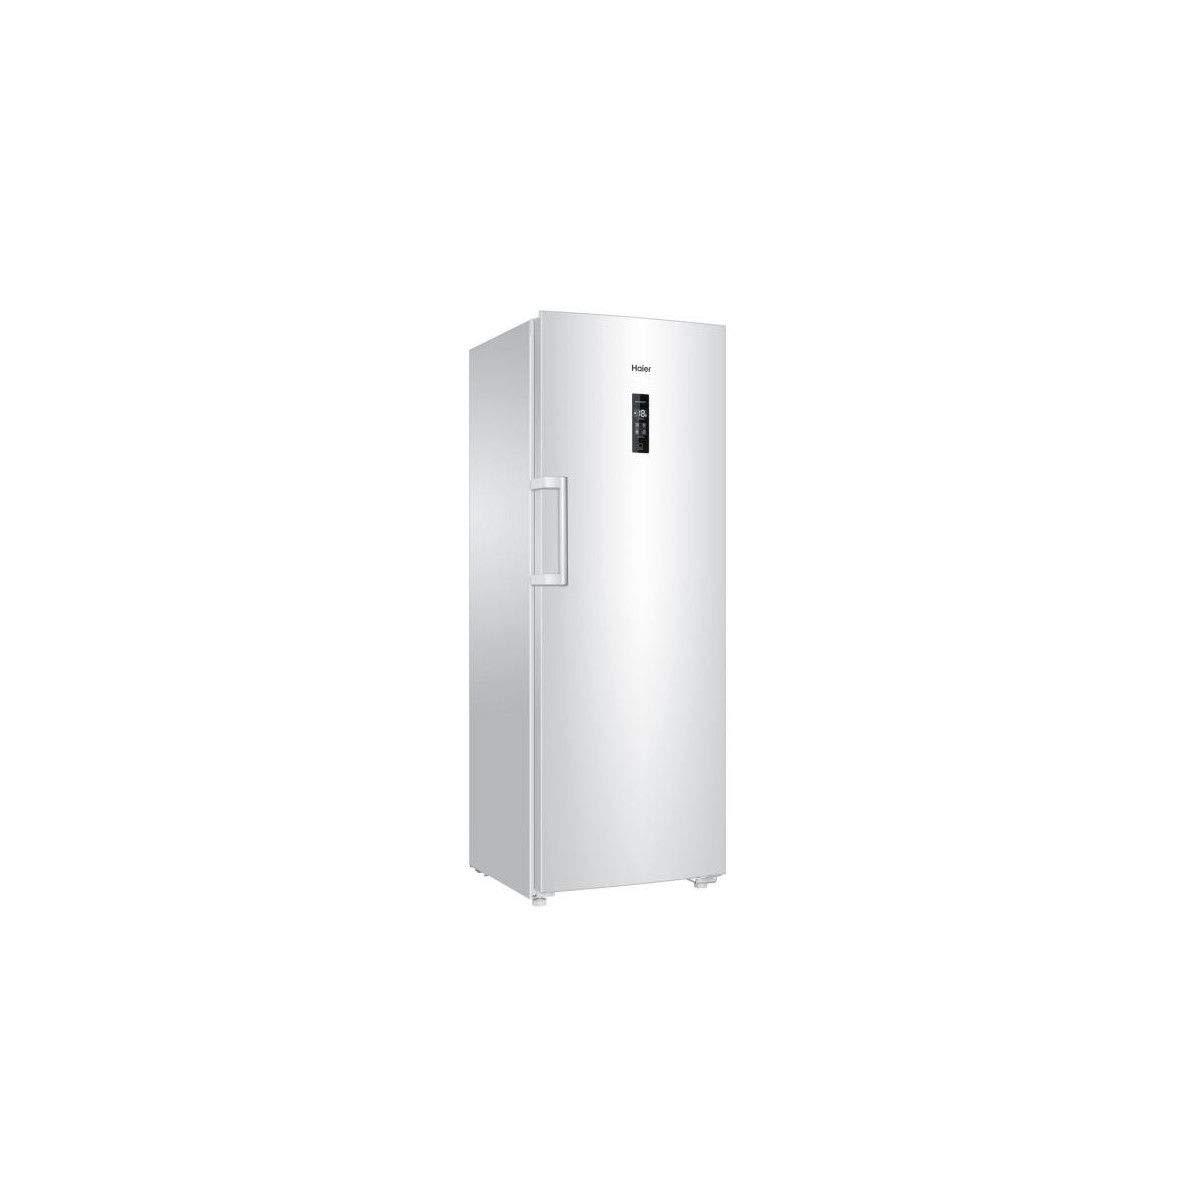 Congelador armario Haier h2 F-320waa: Amazon.es: Hogar